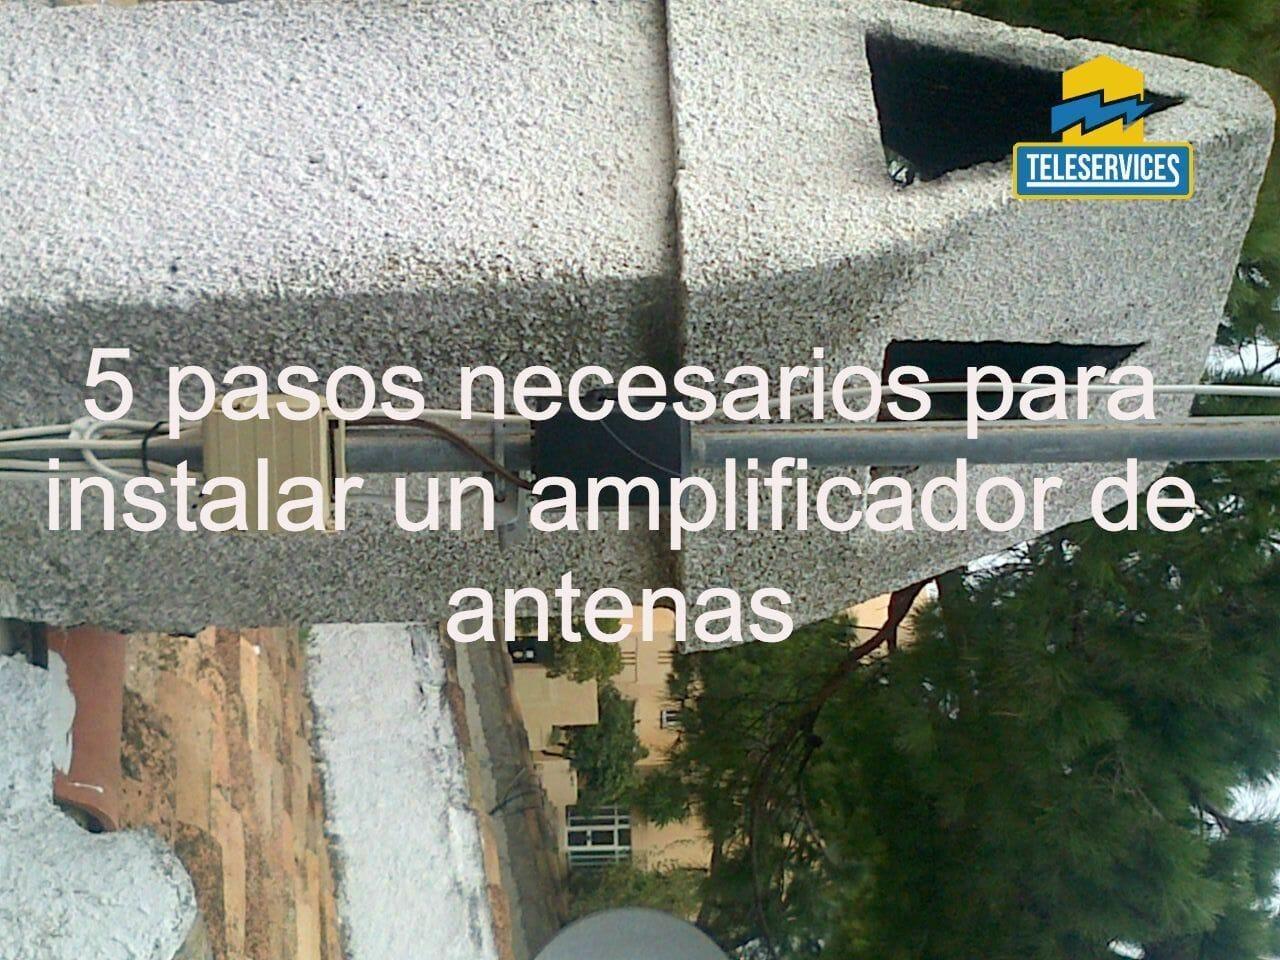 instalar un amplificador de antenas